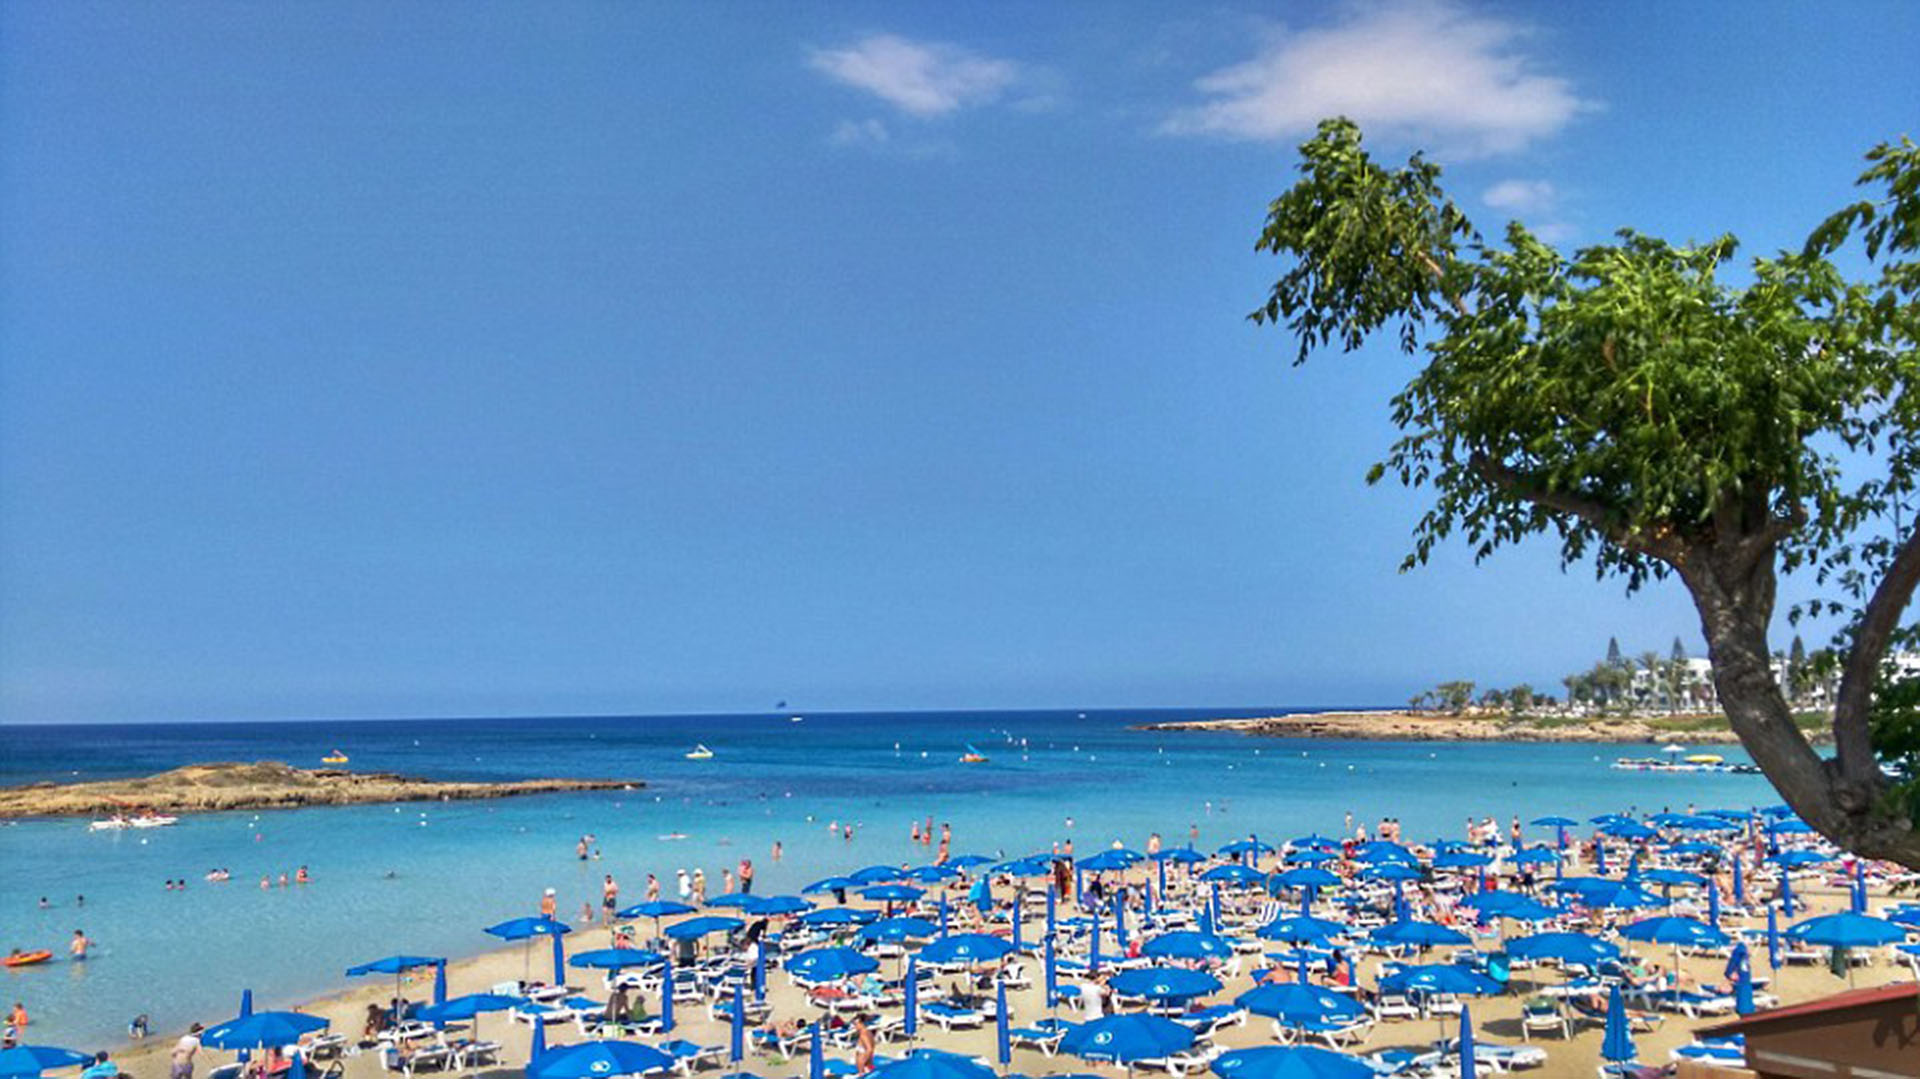 016272d2f14b9 Estas son las 25 mejores playas del mundo - Infobae